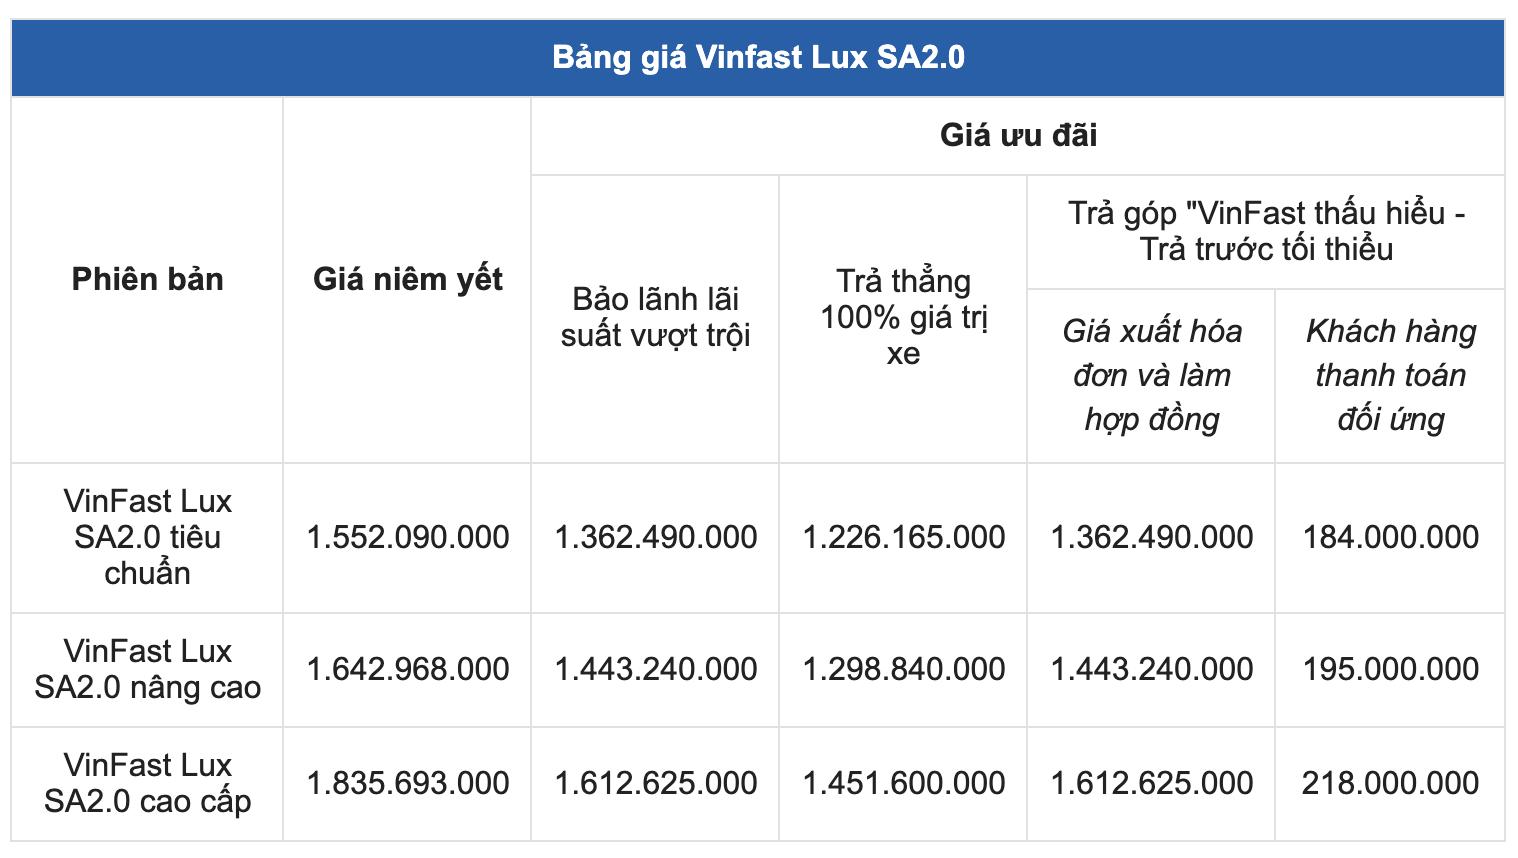 Bán Hyundai SantaFe mua VinFast Lux SA2.0, chủ xe đánh giá thẳng thật